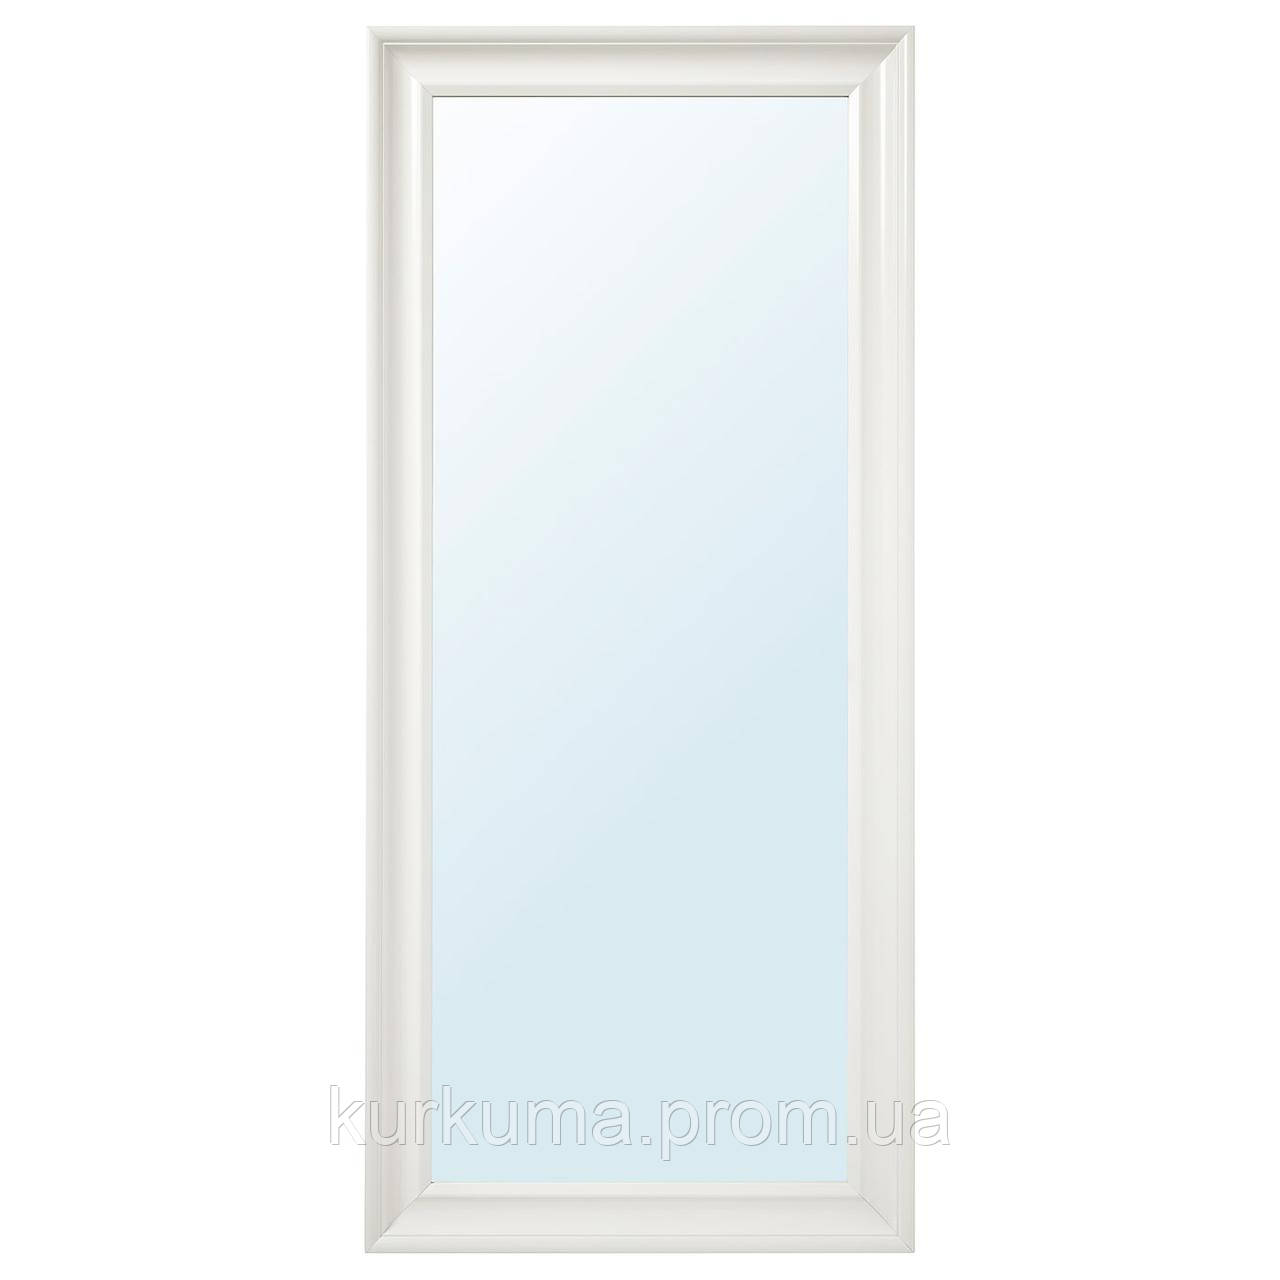 IKEA HEMNES Зеркало, белое, 74x165 см (003.924.99)